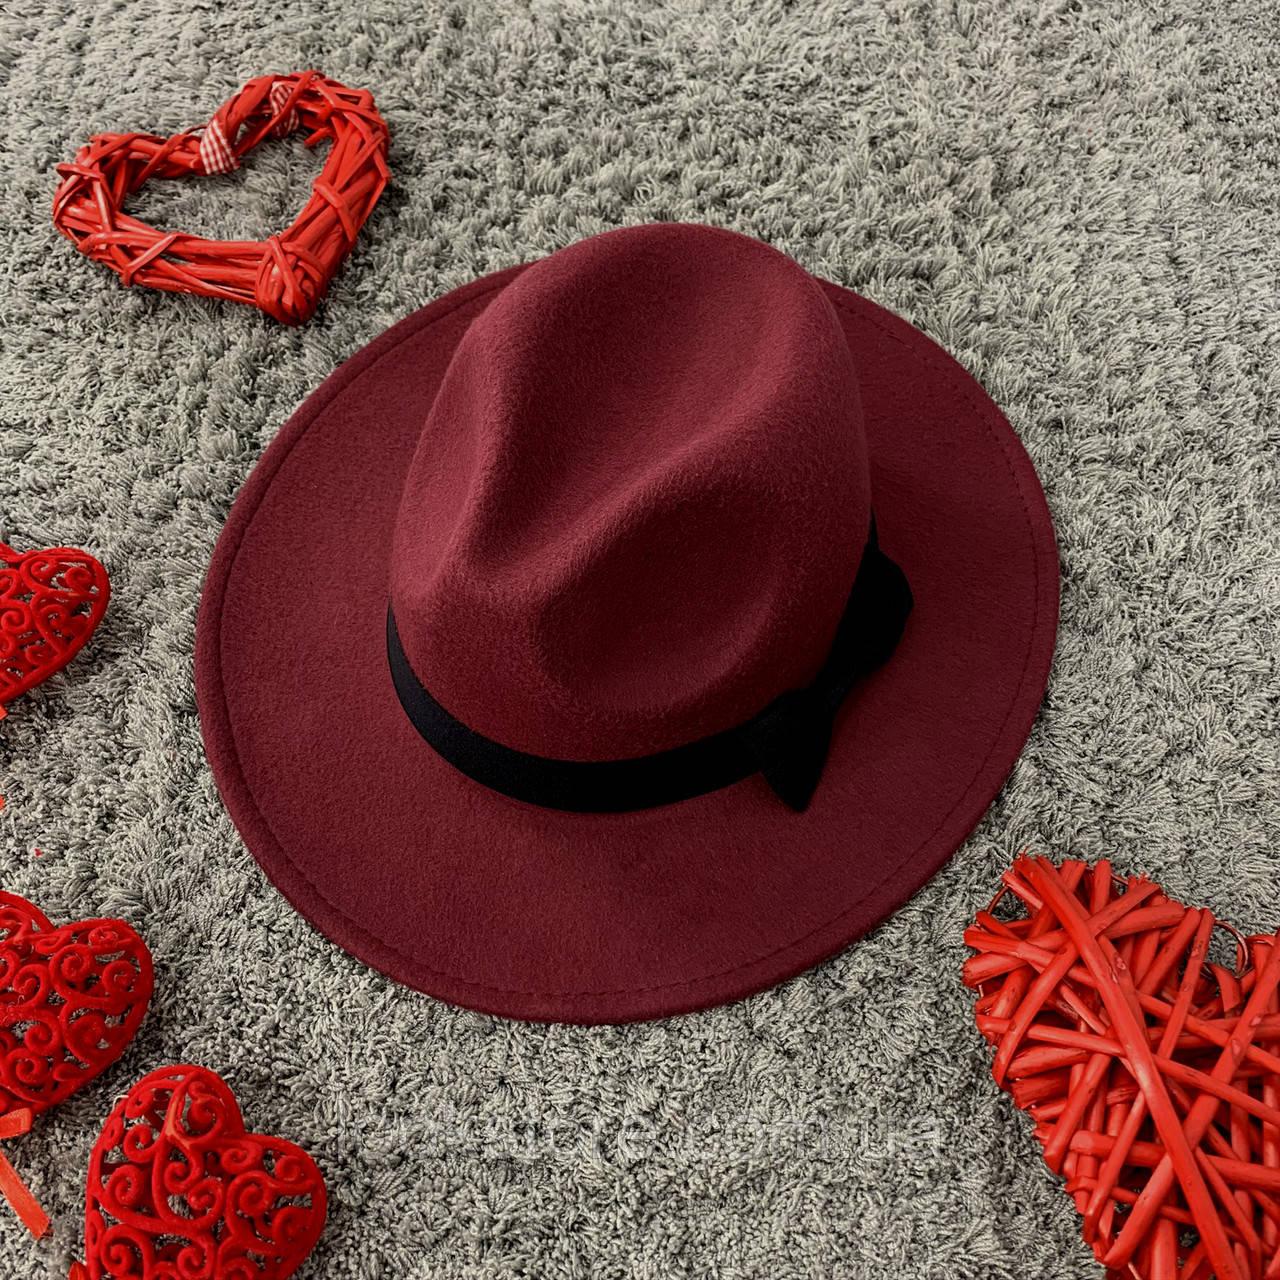 Шляпа Федора унисекс с устойчивыми полями и бантиком бордовая (марсала)